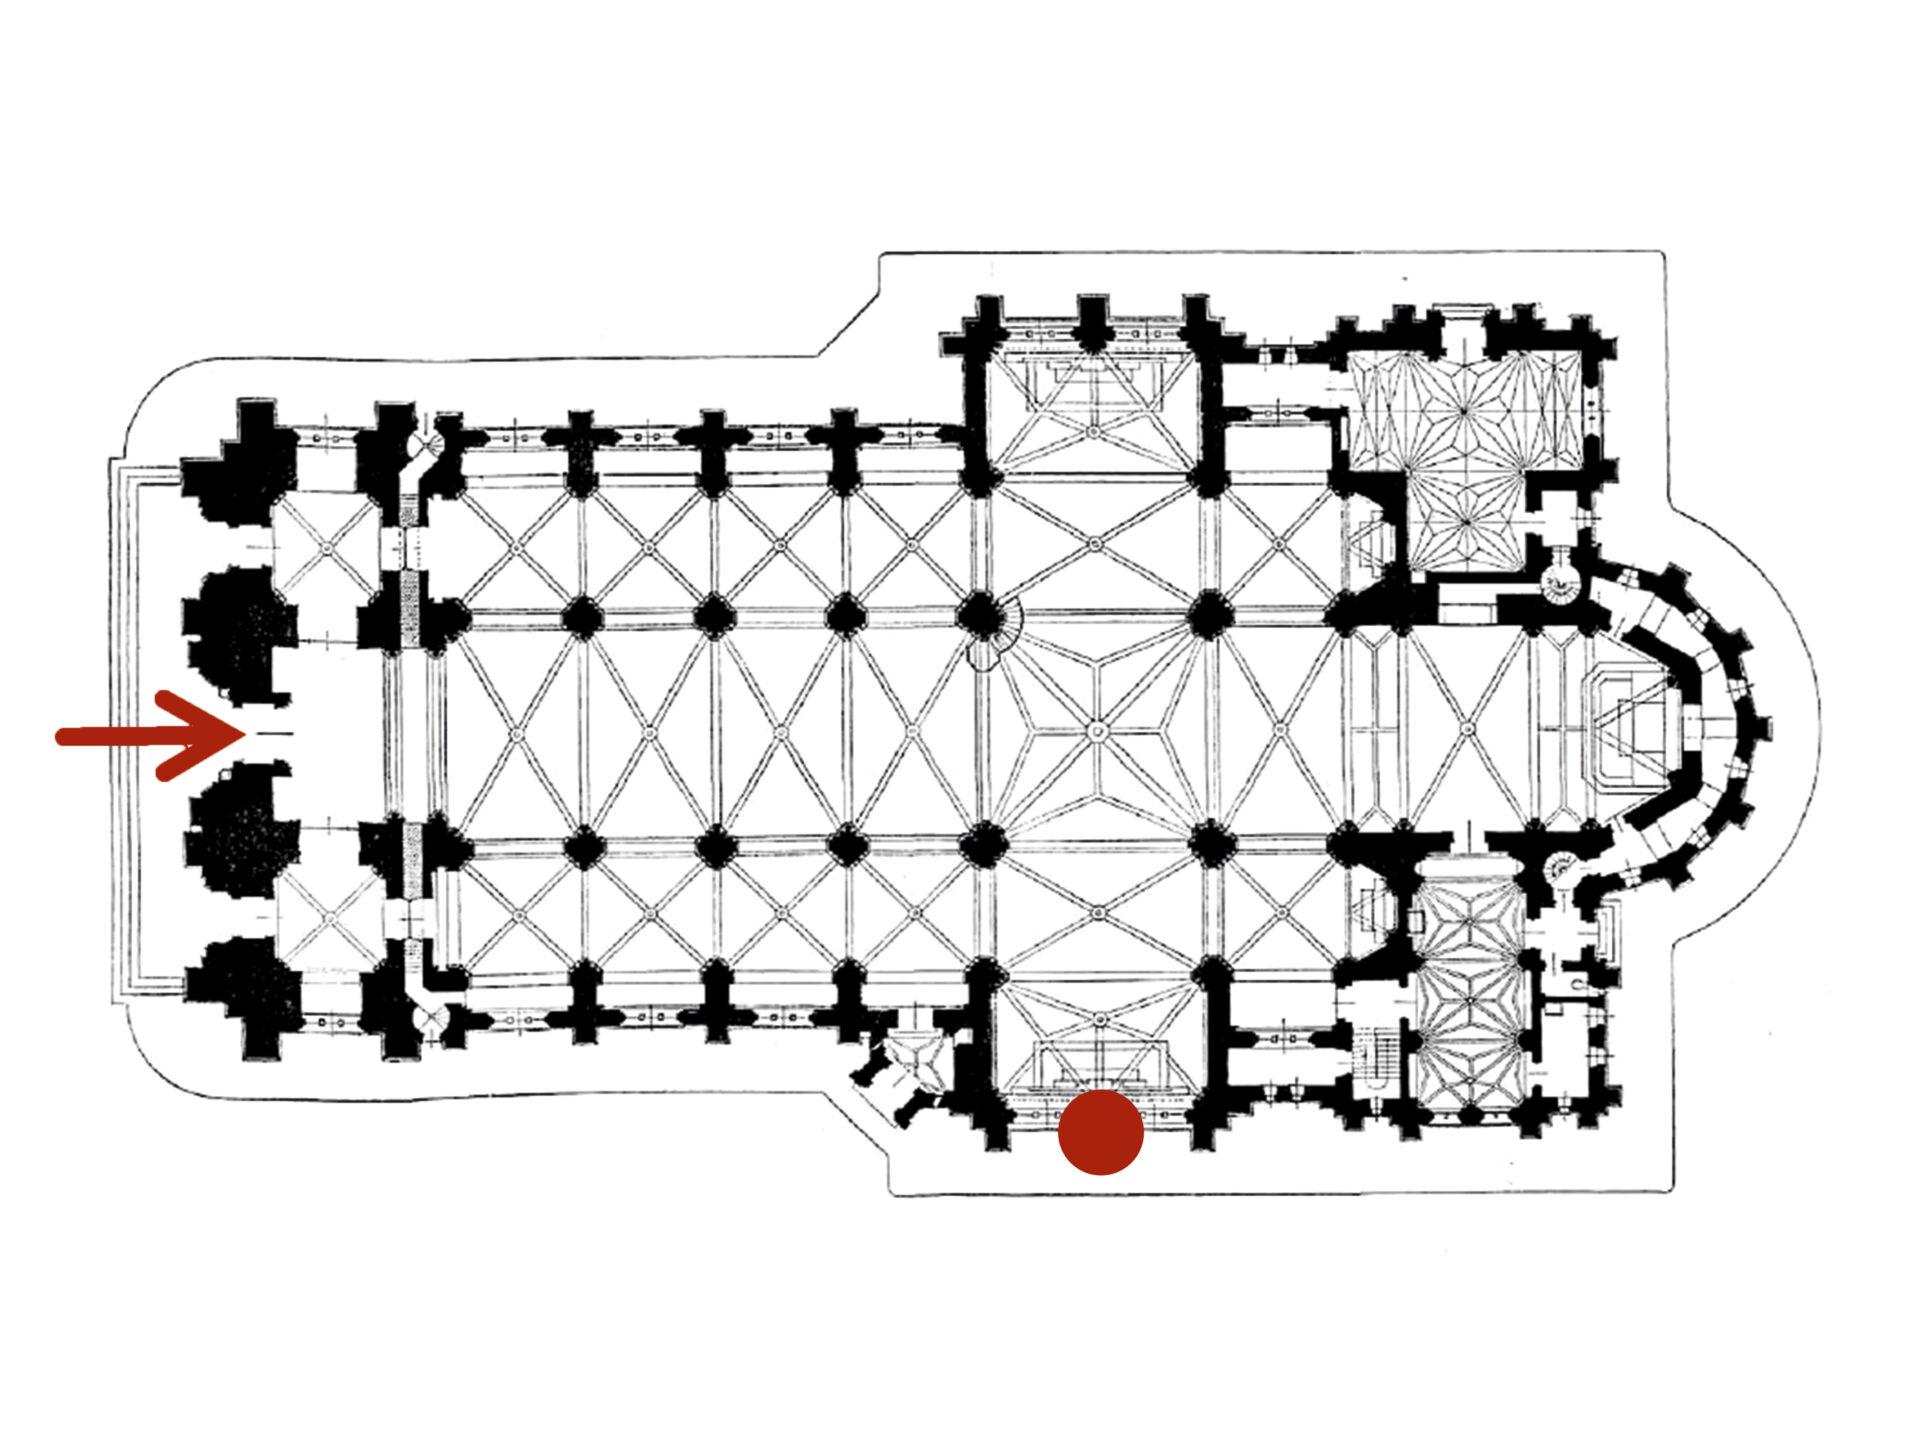 Plan architektoniczny kościoła. Naprawym skrzydle transeptu czerwona kropka nazewnętrznej stronie fasady.